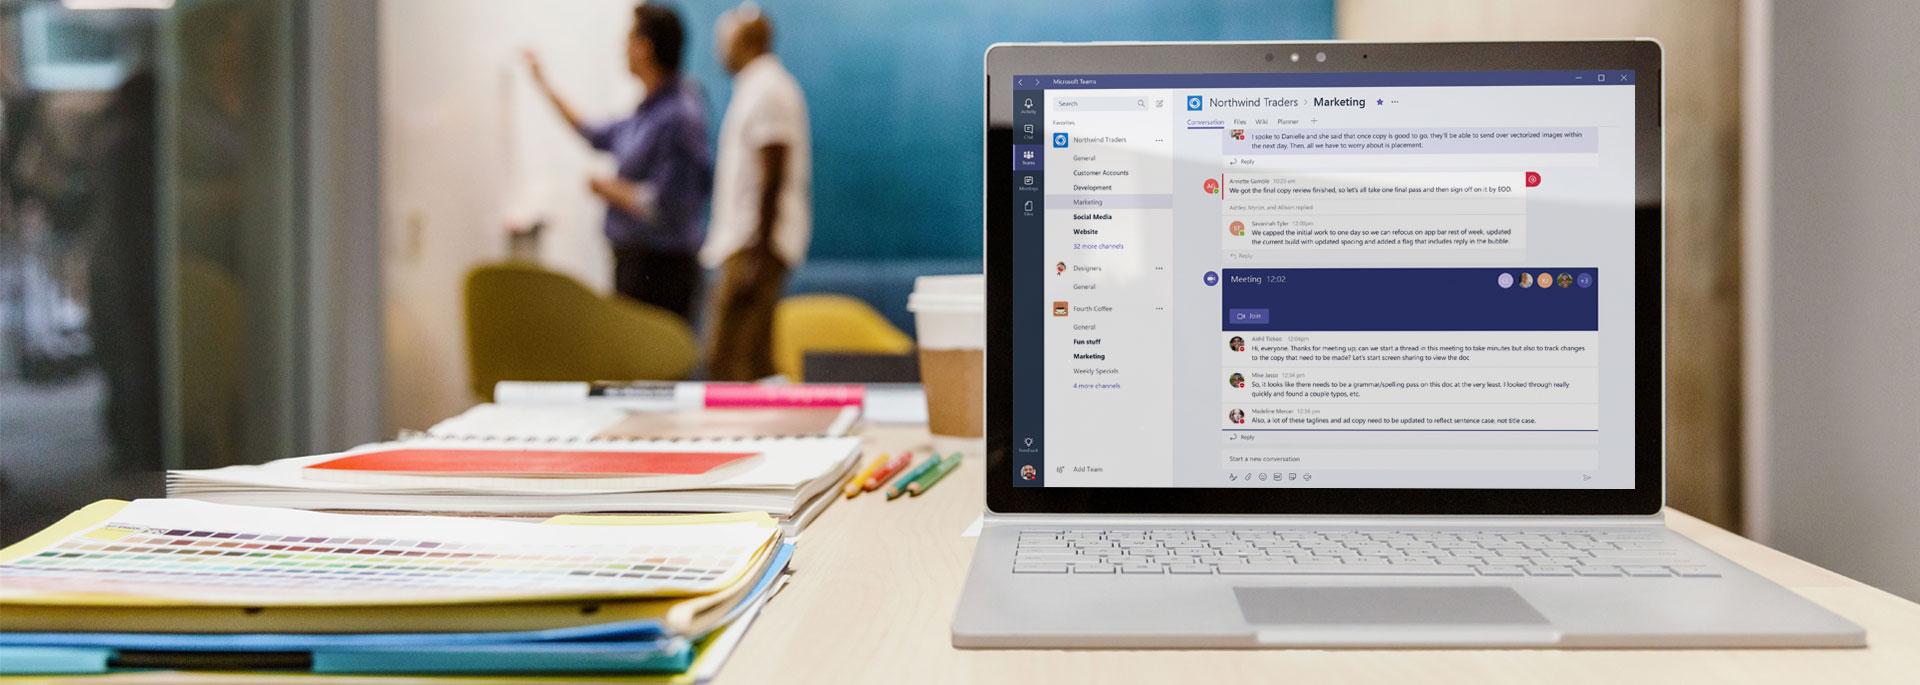 Beszélgetés a Microsoft Teamsben egy táblagép képernyőjén